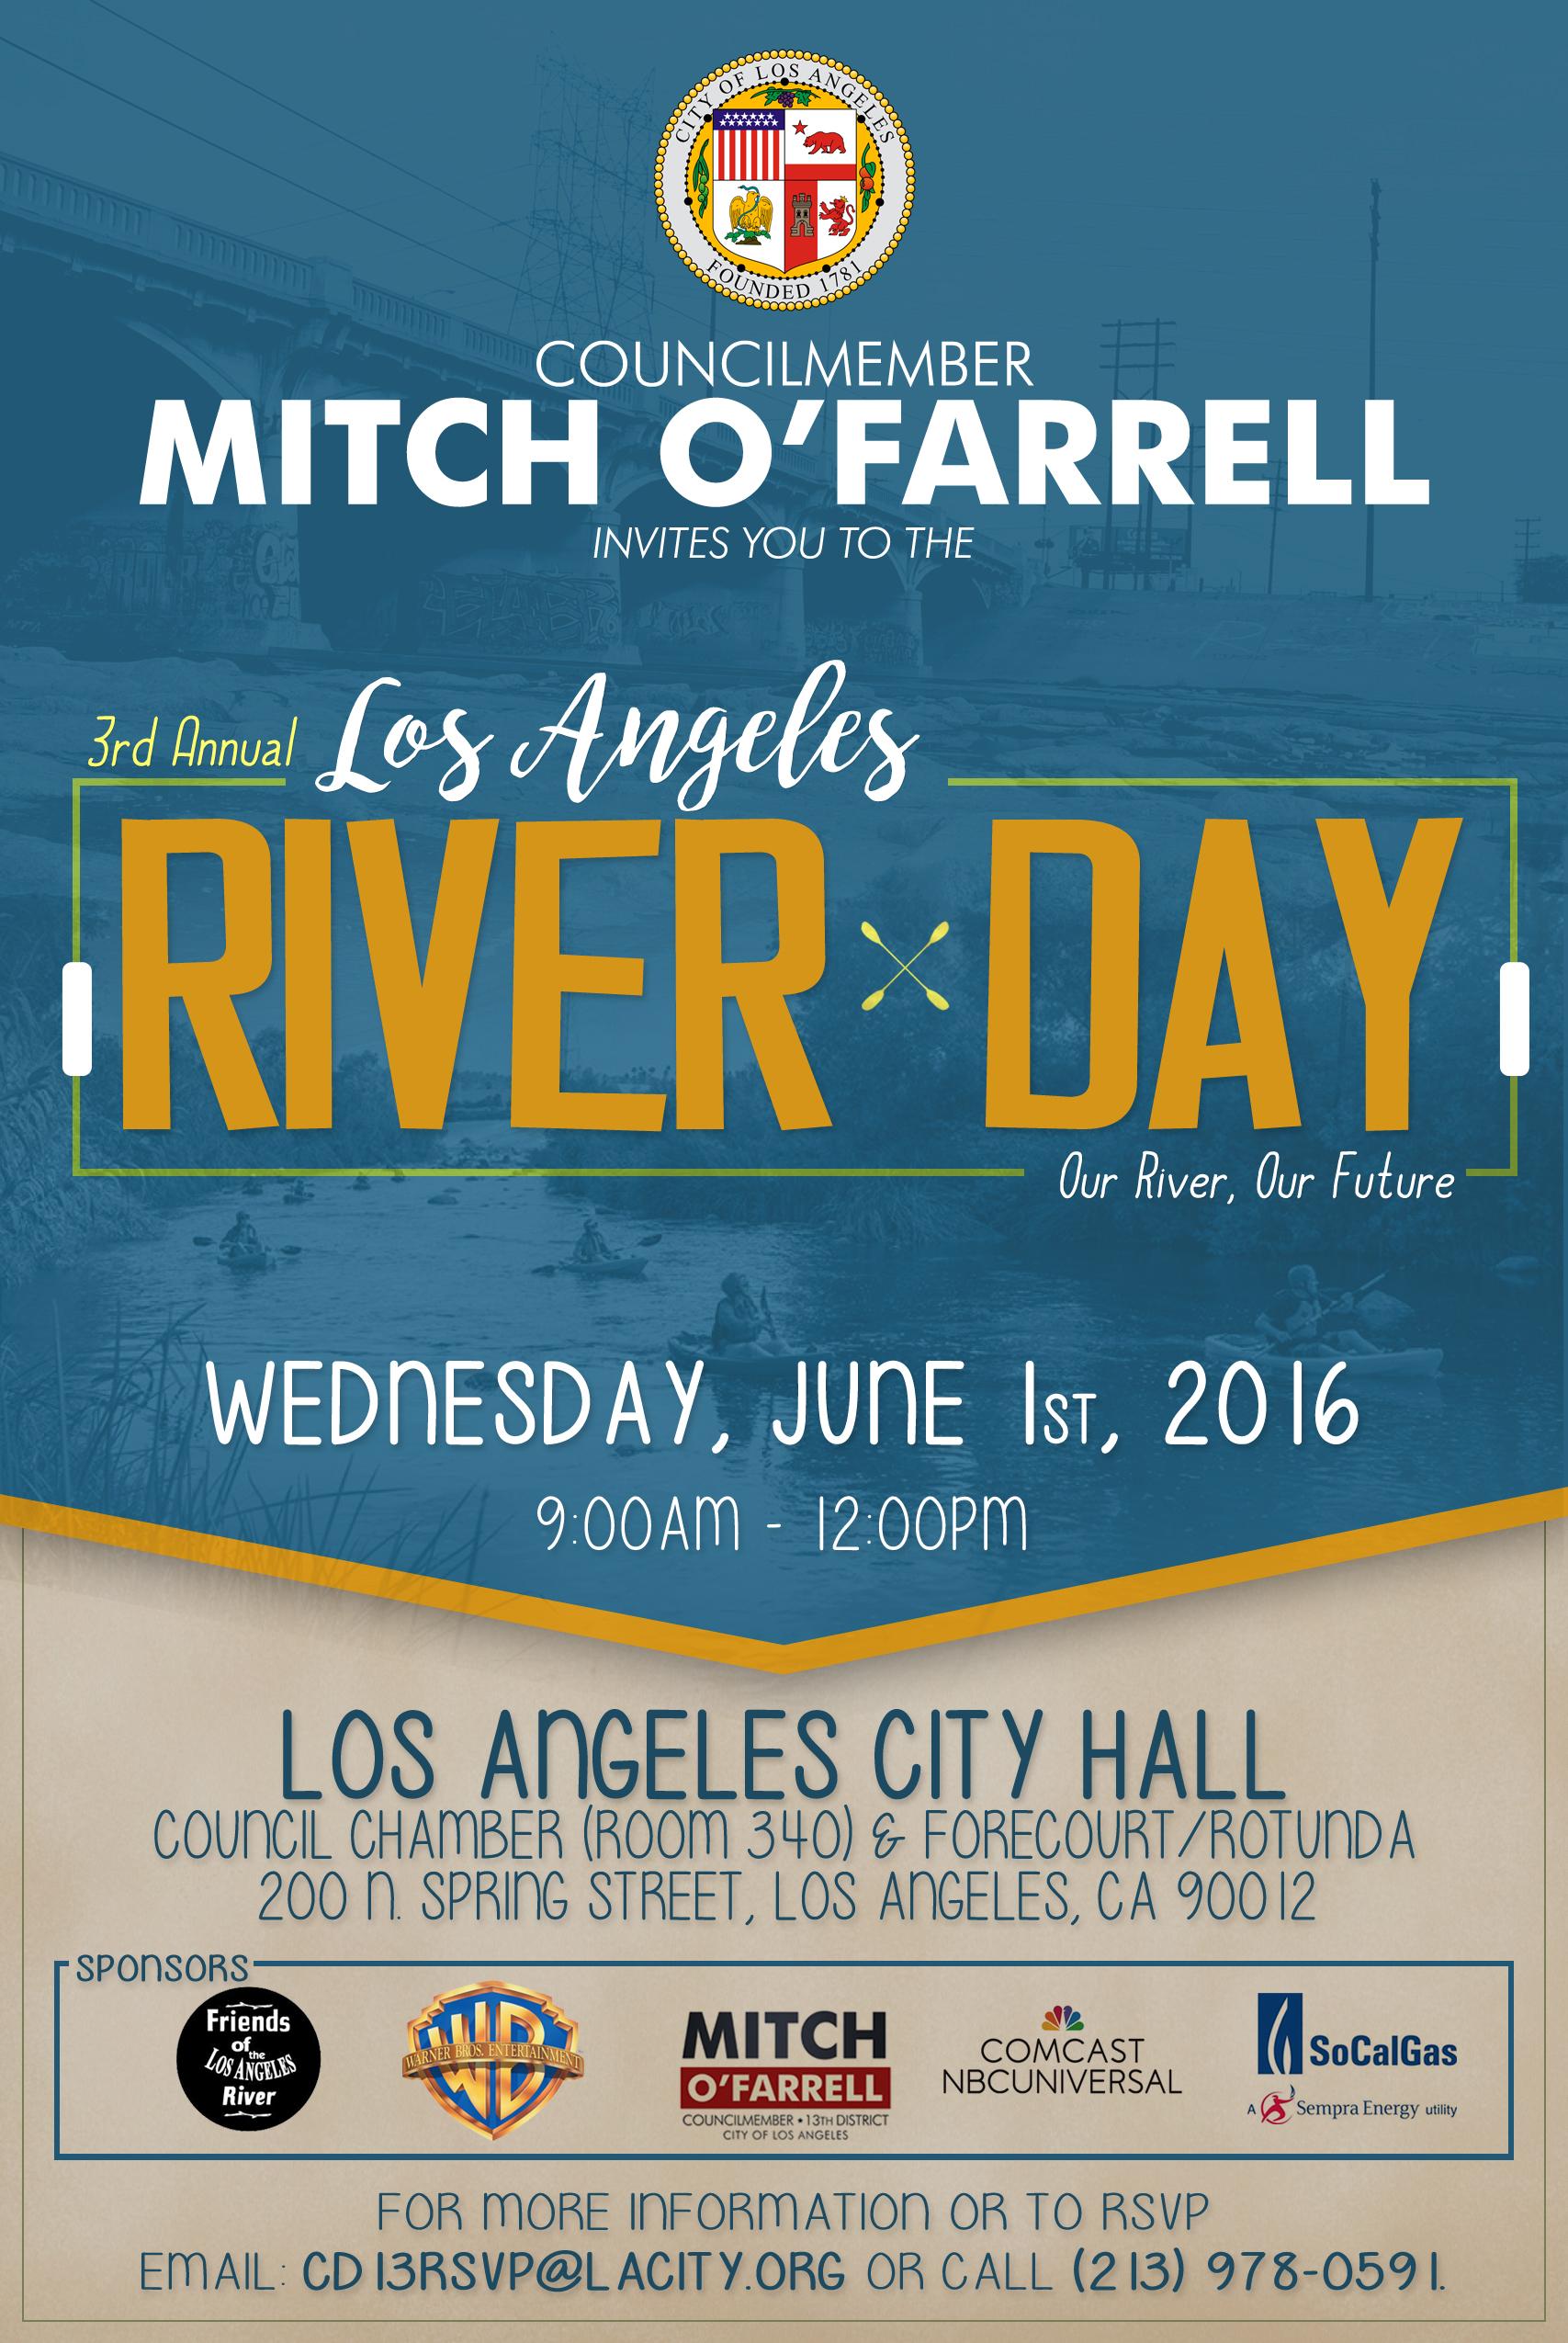 LA_River_Day_2016.jpg